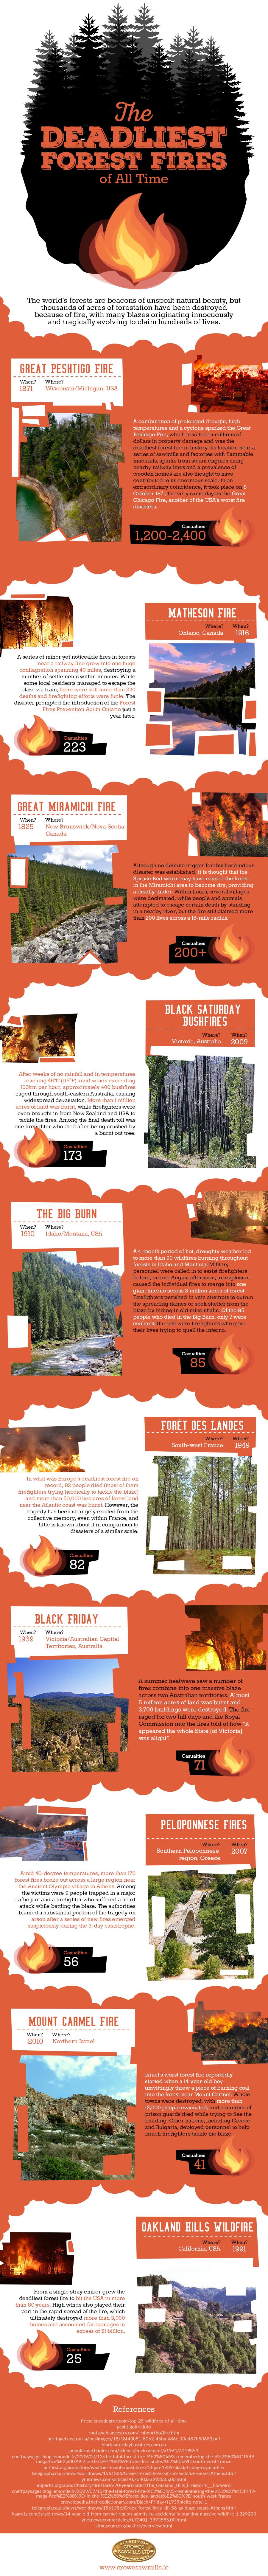 https://ecogreenlove.files.wordpress.com/2016/04/the-deadliest-forest-fires-of-all-time.jpg